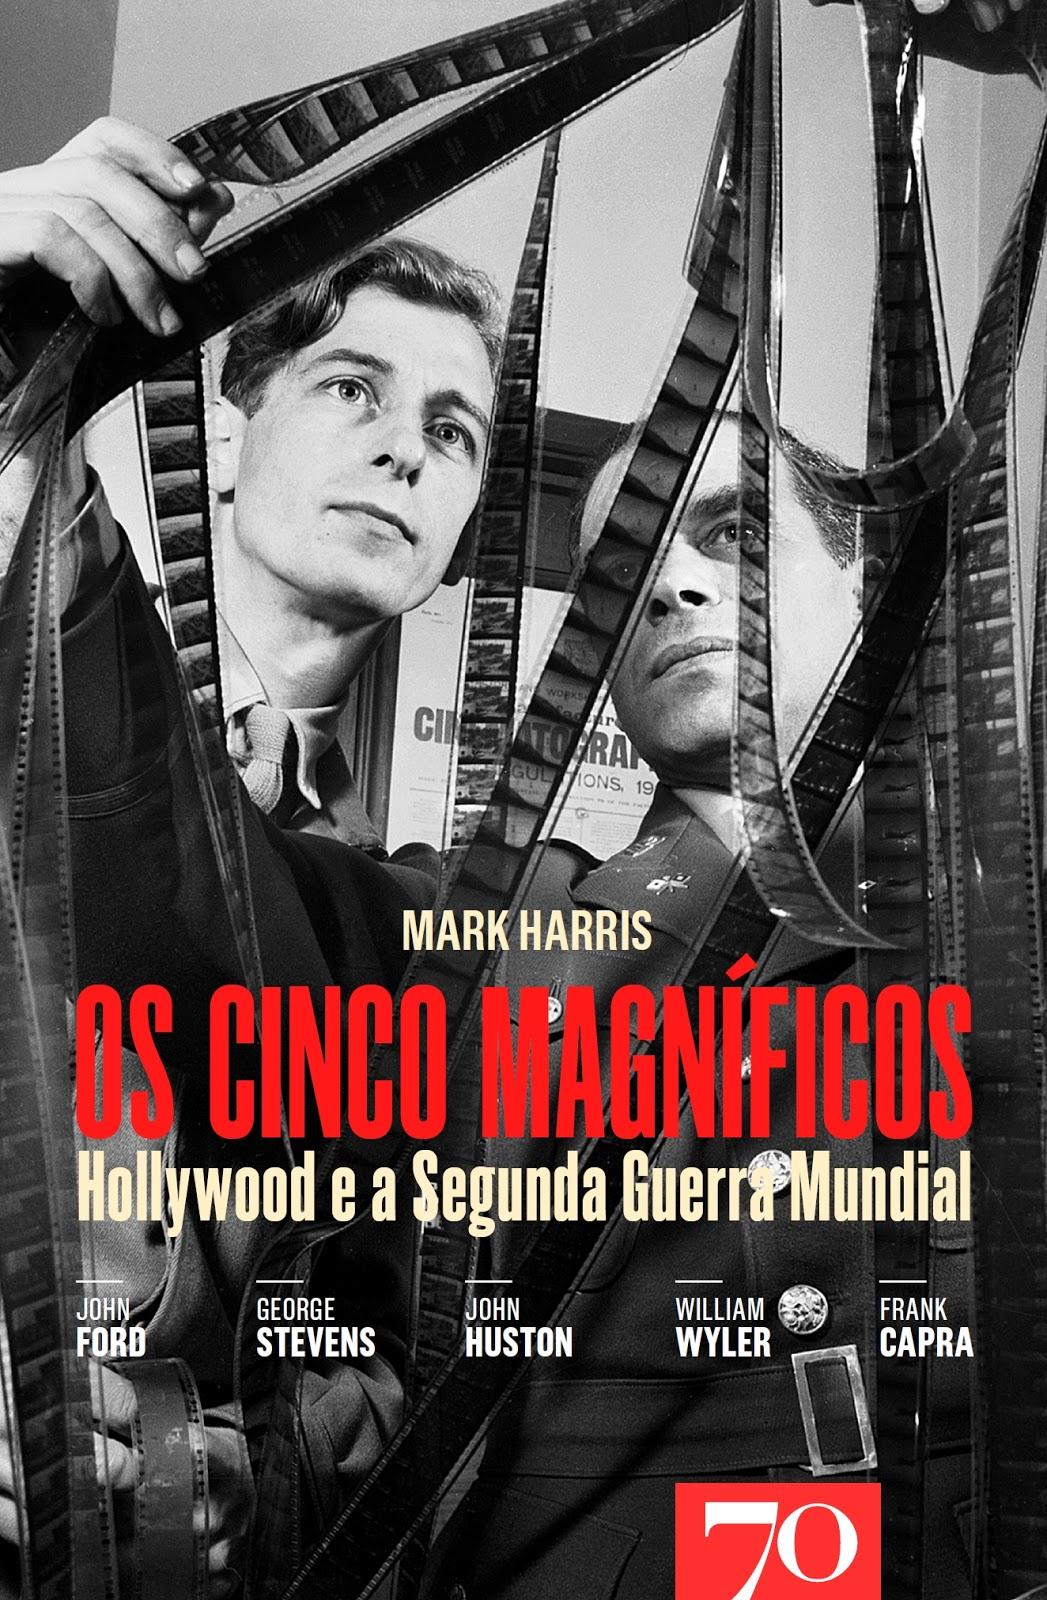 c4a760cd69a A Minotauro acaba de publicar o primeiro livro de uma coleção de 6 volumes  que reúne a obra completa de Maria Judite de Carvalho.